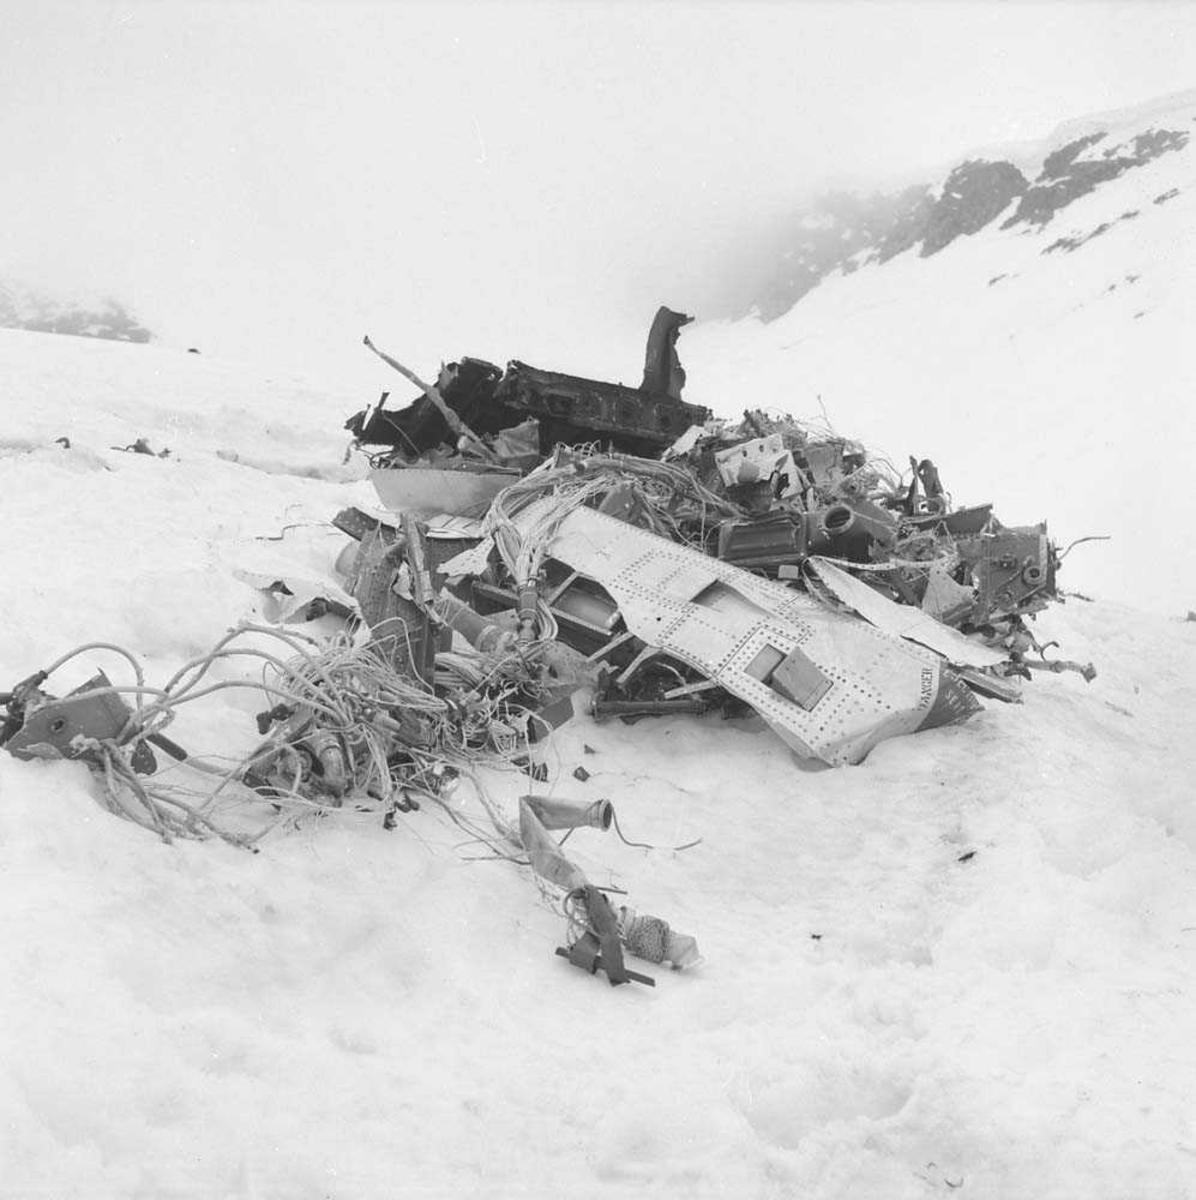 To F-86-K tilhørende 334 skvadron, Bodø flystasjon, havarerte i Djupfesttind ved Tjeldsundet.